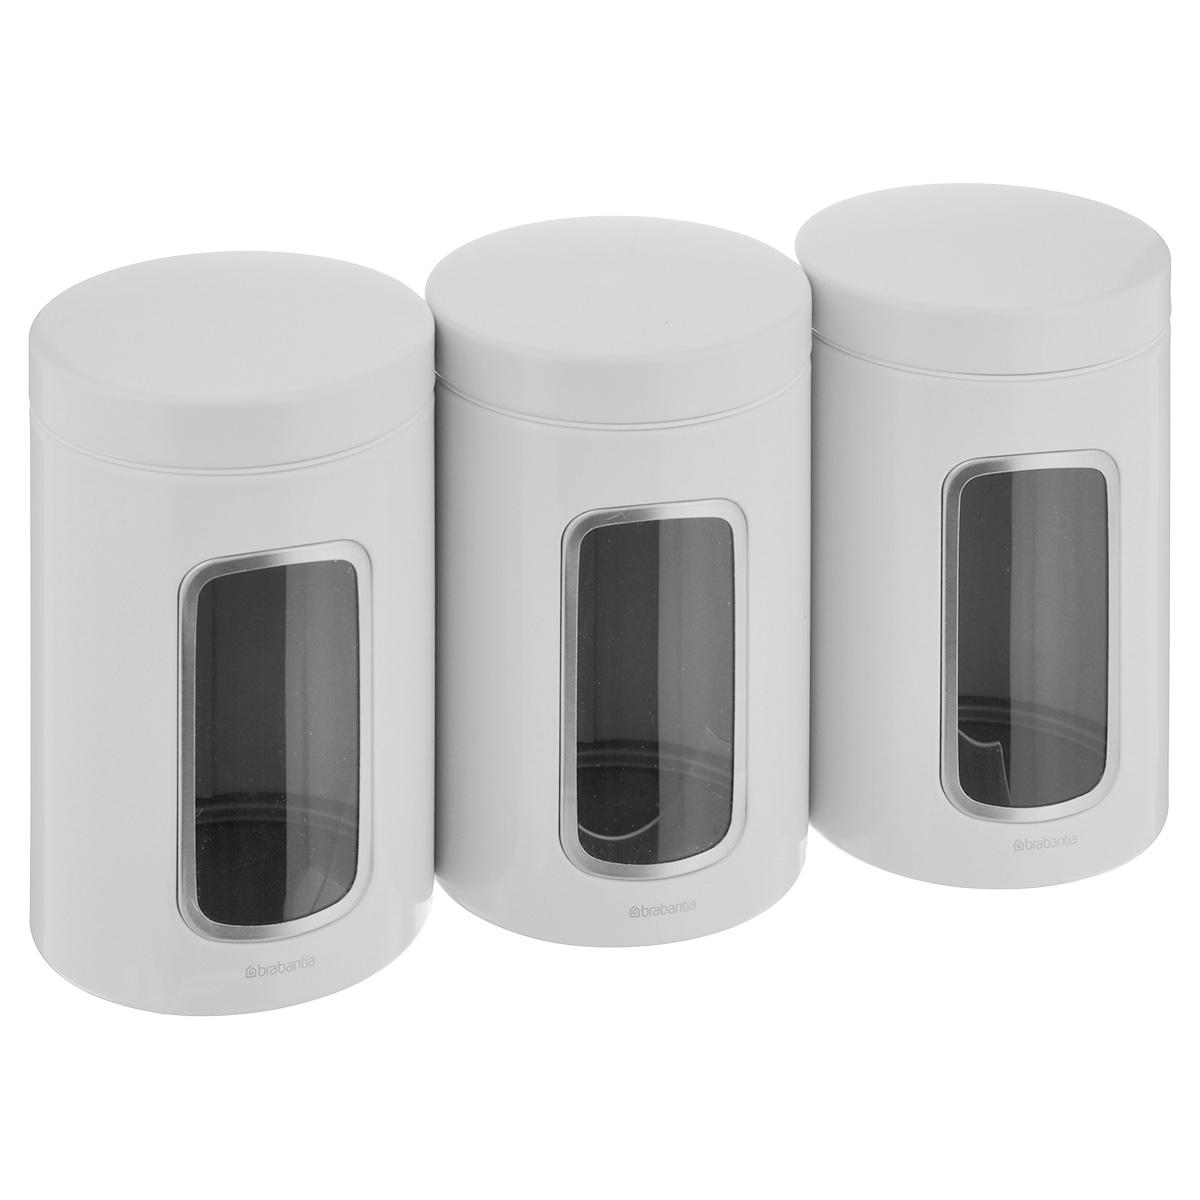 Набор контейнеров для сыпучих продуктов Brabantia, цвет: белый, 1,4 л, 3 шт. 151224151224_белыйНабор Brabantia состоит из трех контейнеров, выполненных из антикоррозийной стали с цветным защитным покрытием. Контейнеры предназначены для хранения кофе, чая, сахара, круп и других сыпучих продуктов. Изделия оснащены удобными плотно закрывающимися крышками, которые не пропускают запахи и позволяют дольше сохранять аромат продуктов. Контейнеры имеют прозрачные окошки. Благодаря антистатической поверхности содержимое контейнера не прилипает к пластиковому окошку, поэтому вы всегда можете видеть, что и в каком количестве содержится в банке. Стильный набор современного дизайна не только послужит функционально, но и красиво оформит интерьер вашей кухни. Размер банки (с учетом крышки): 11 см х 11 см х 17 см.